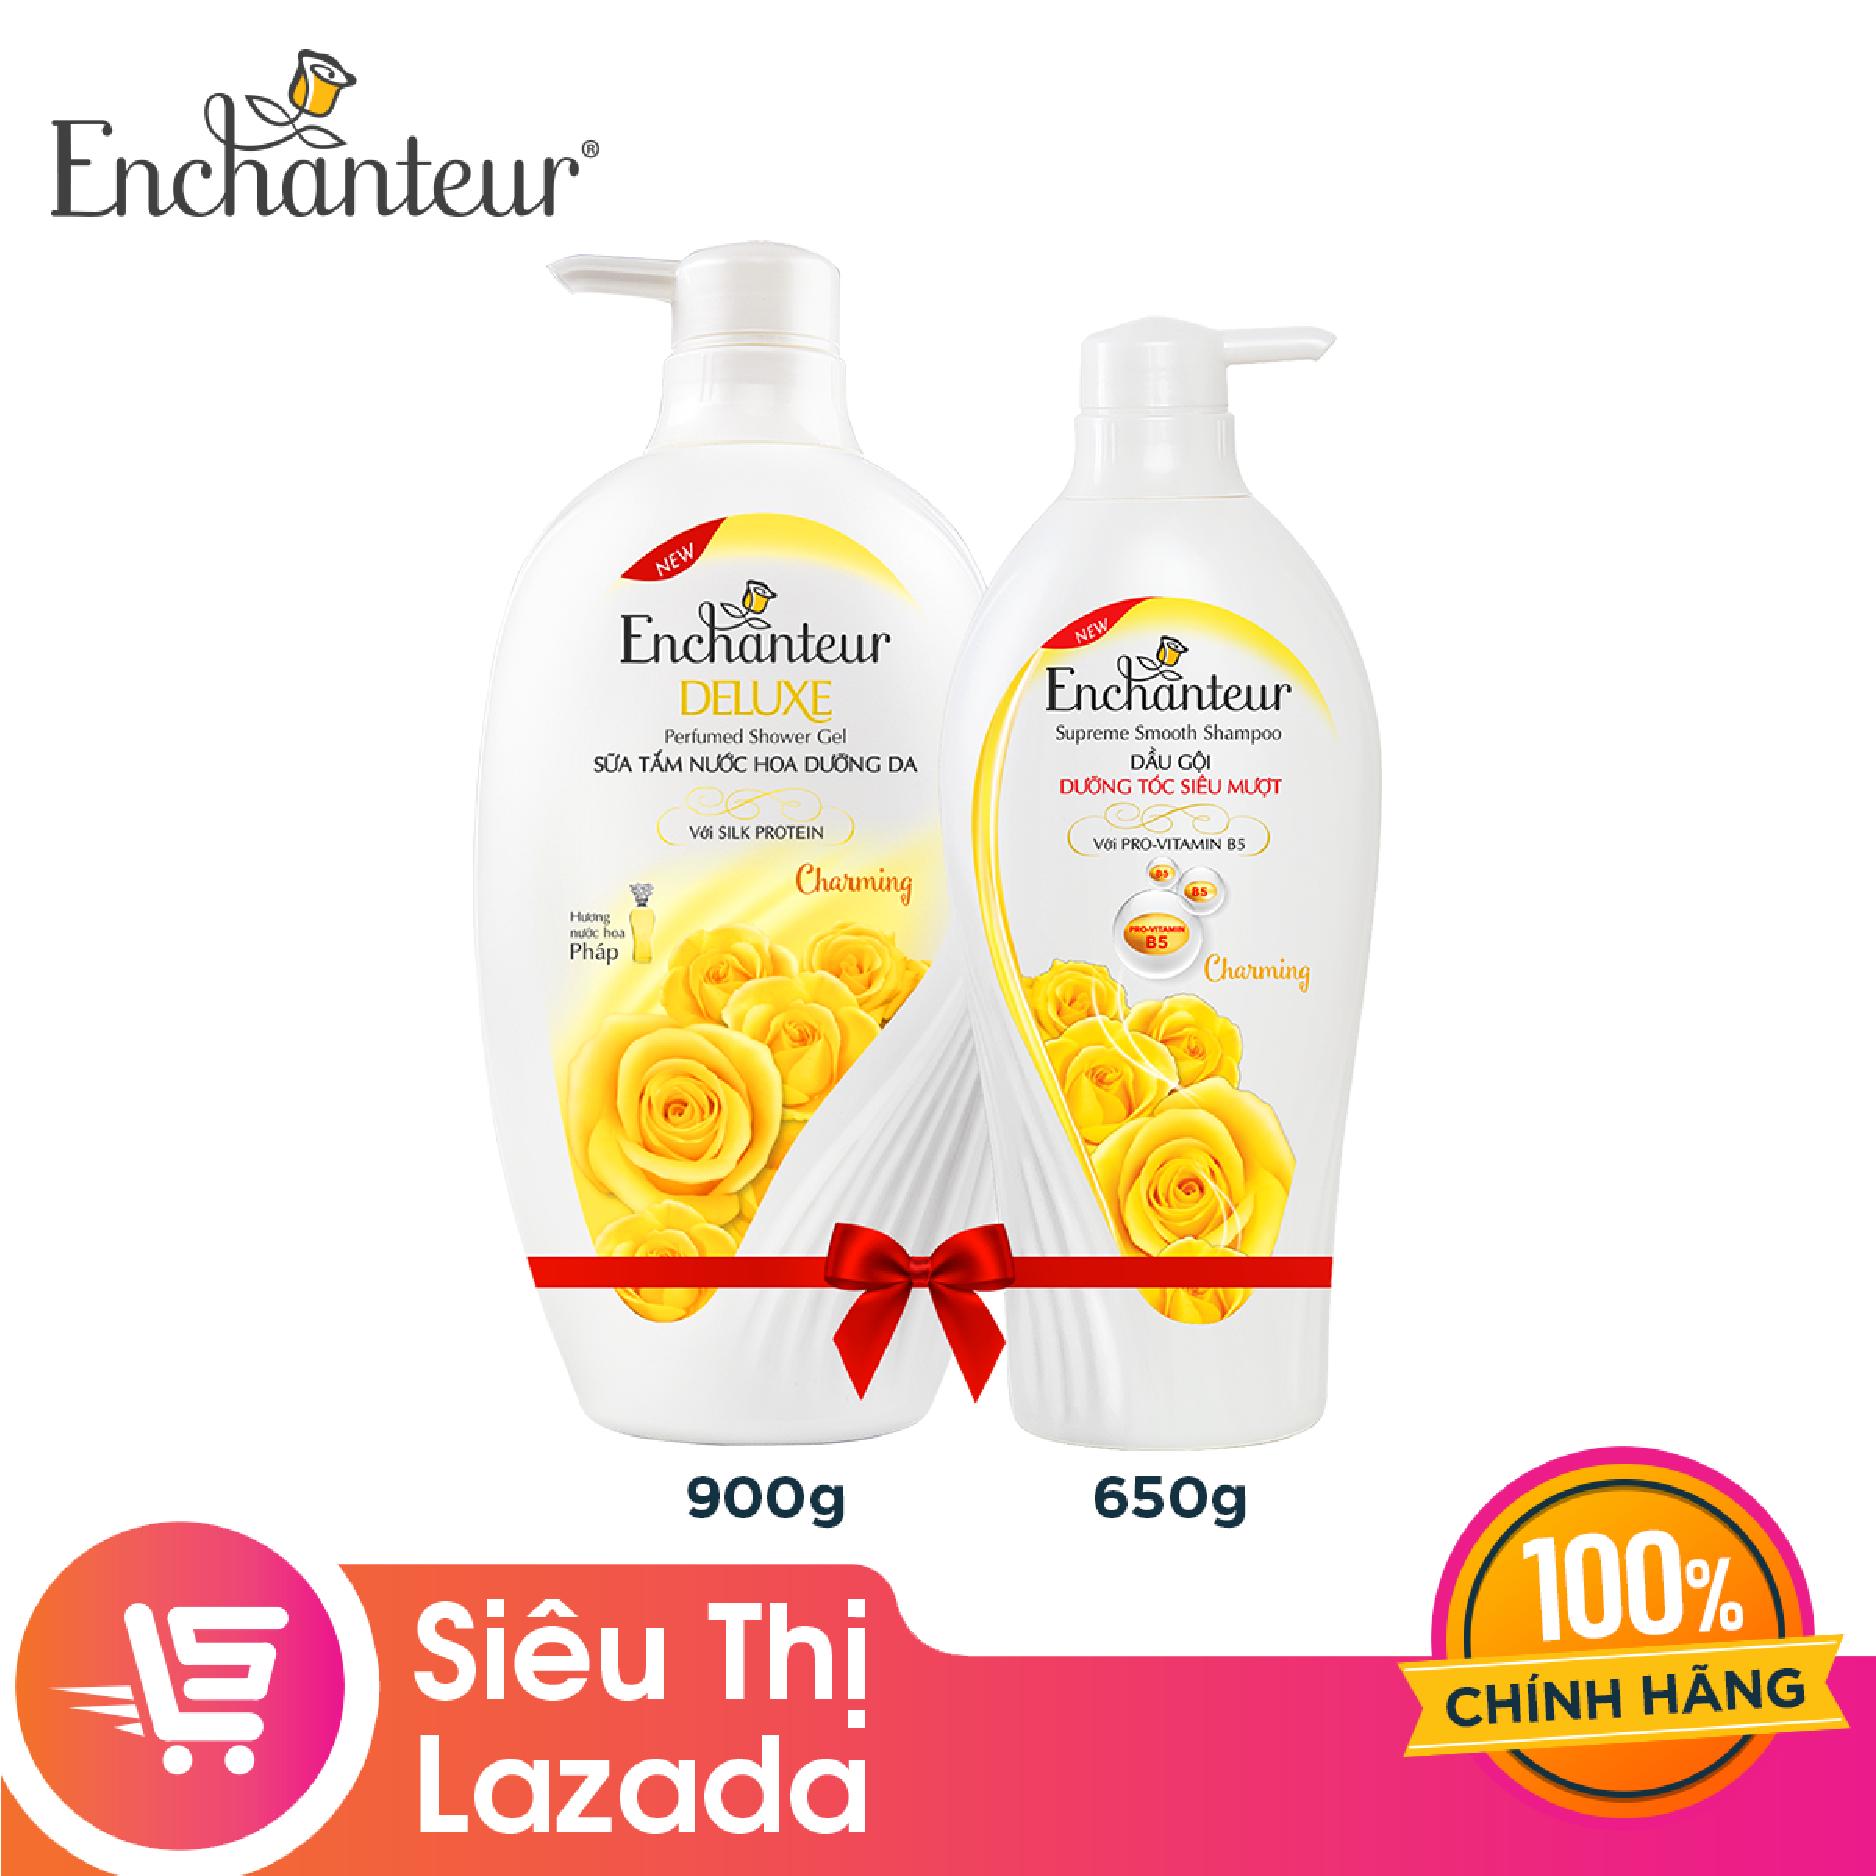 [Siêu thị Lazada] Combo Enchanteur Charming: Sữa tắm 900g + Dầu gội 650g – giúp tóc mềm mượt óng ả hương nước hoa Pháp lưu lại lâu trên tóc